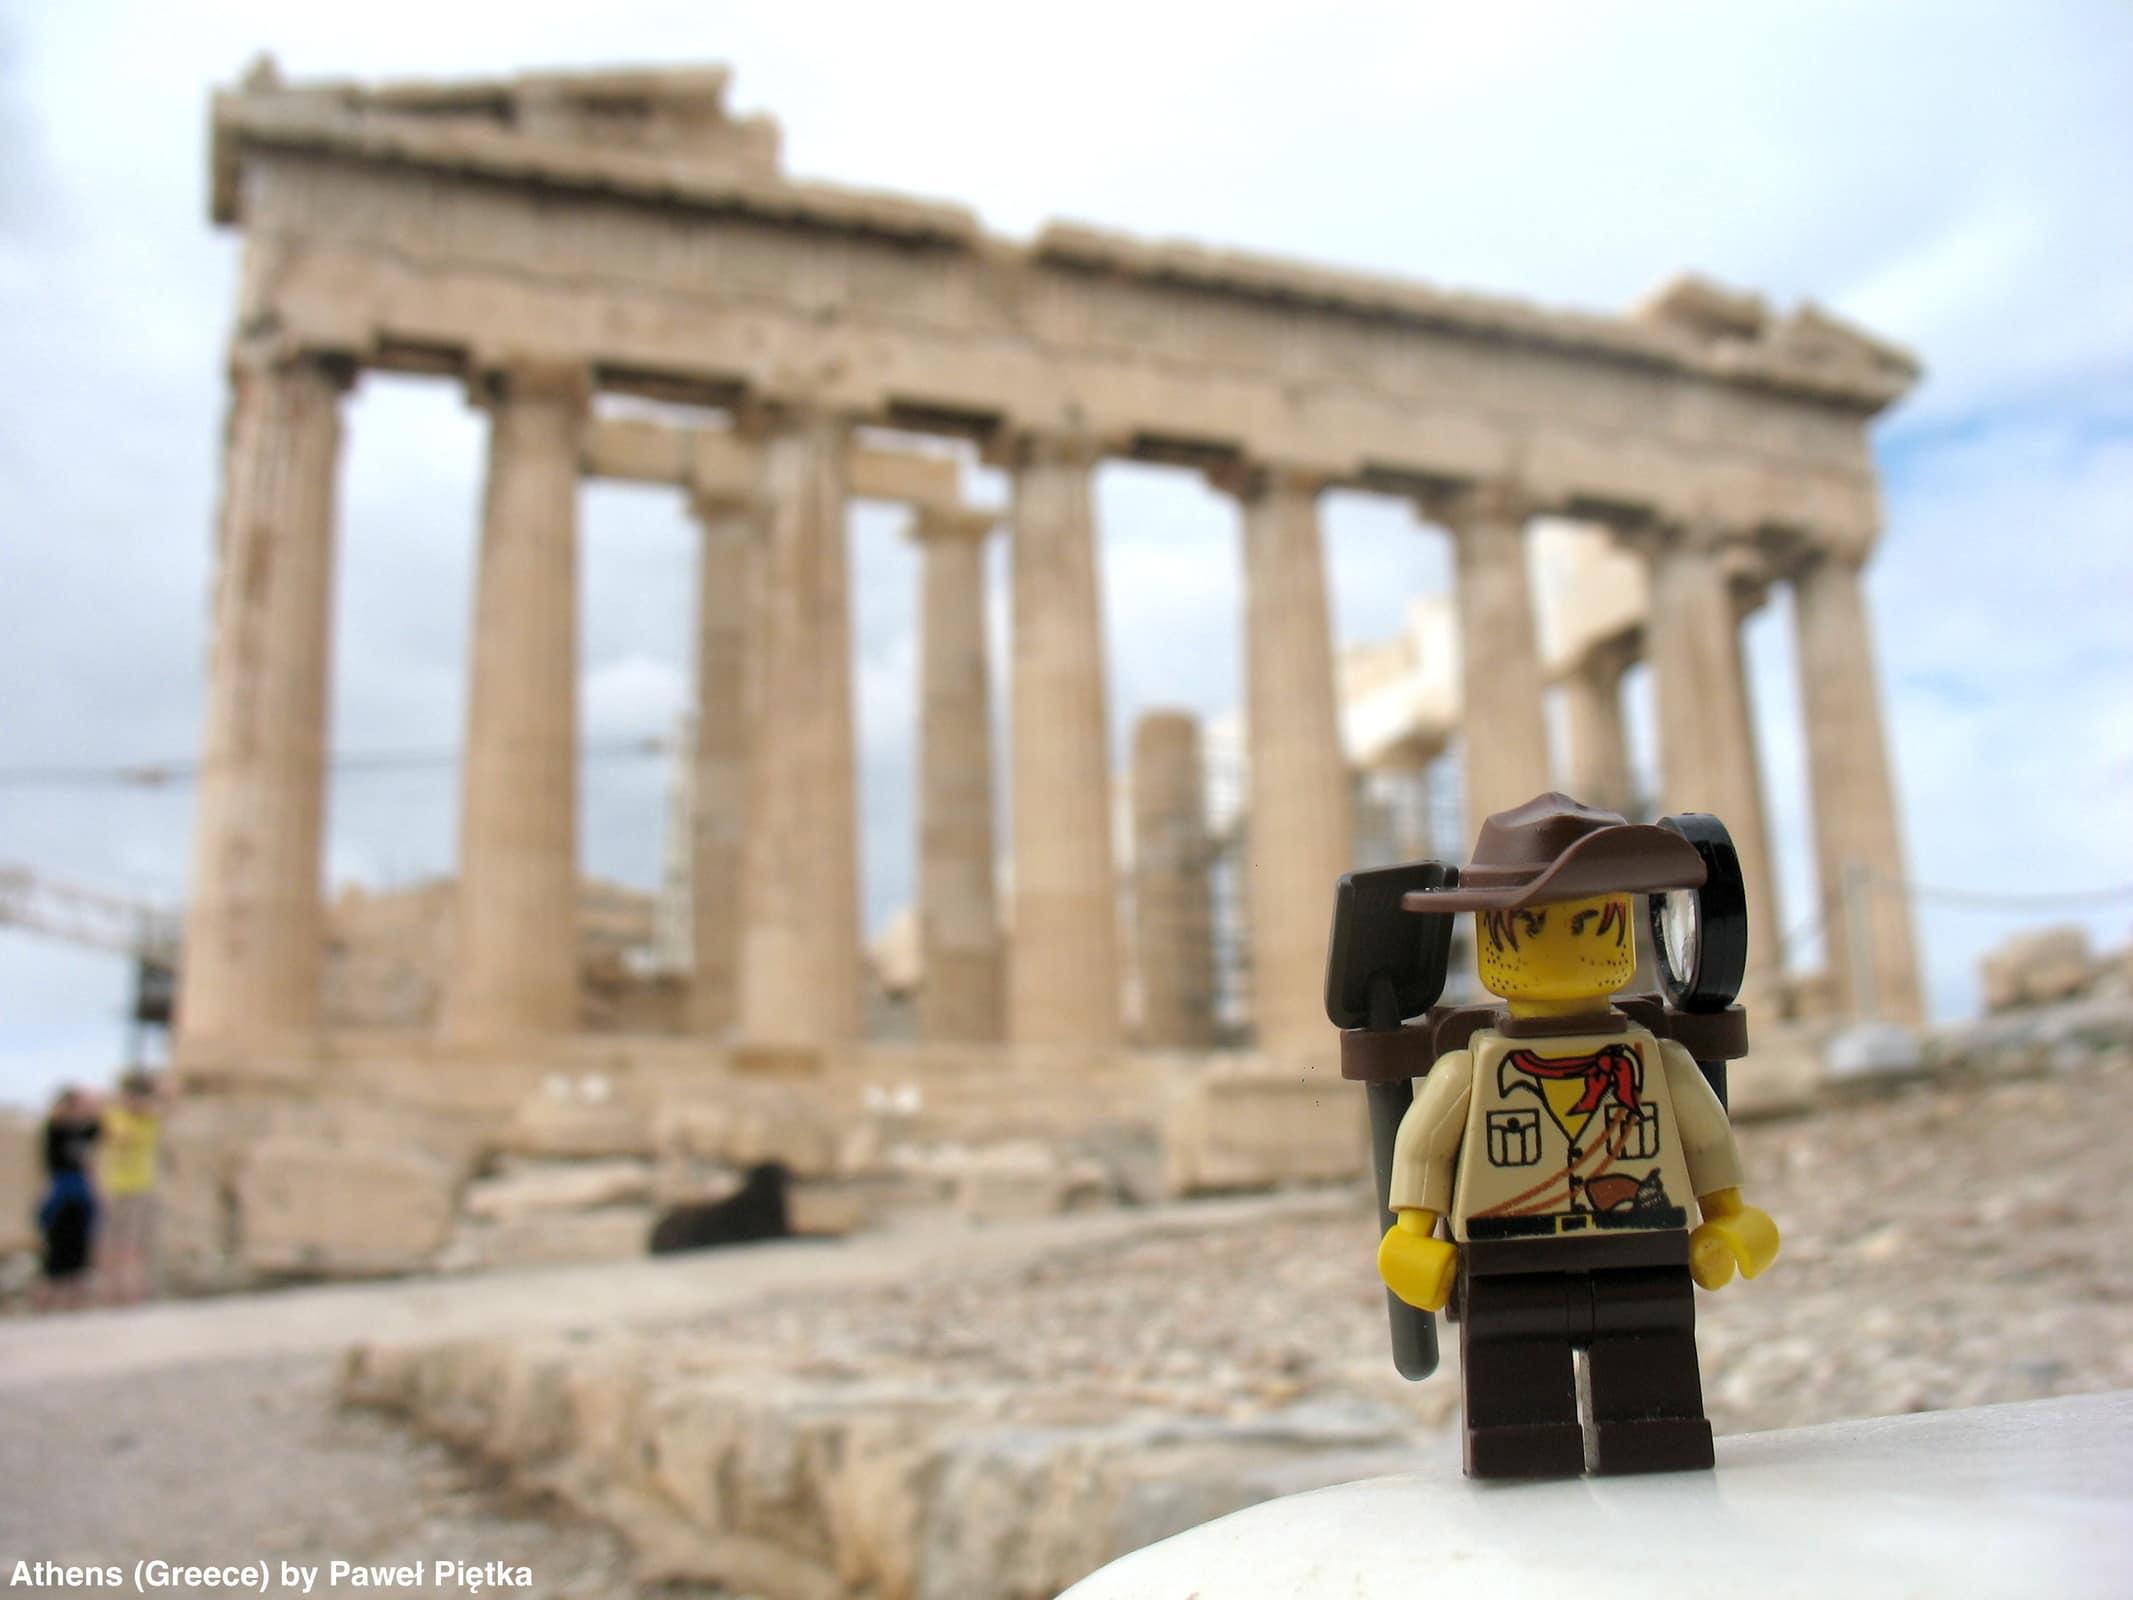 Athens (Greece) - Acropolis, Parthenon